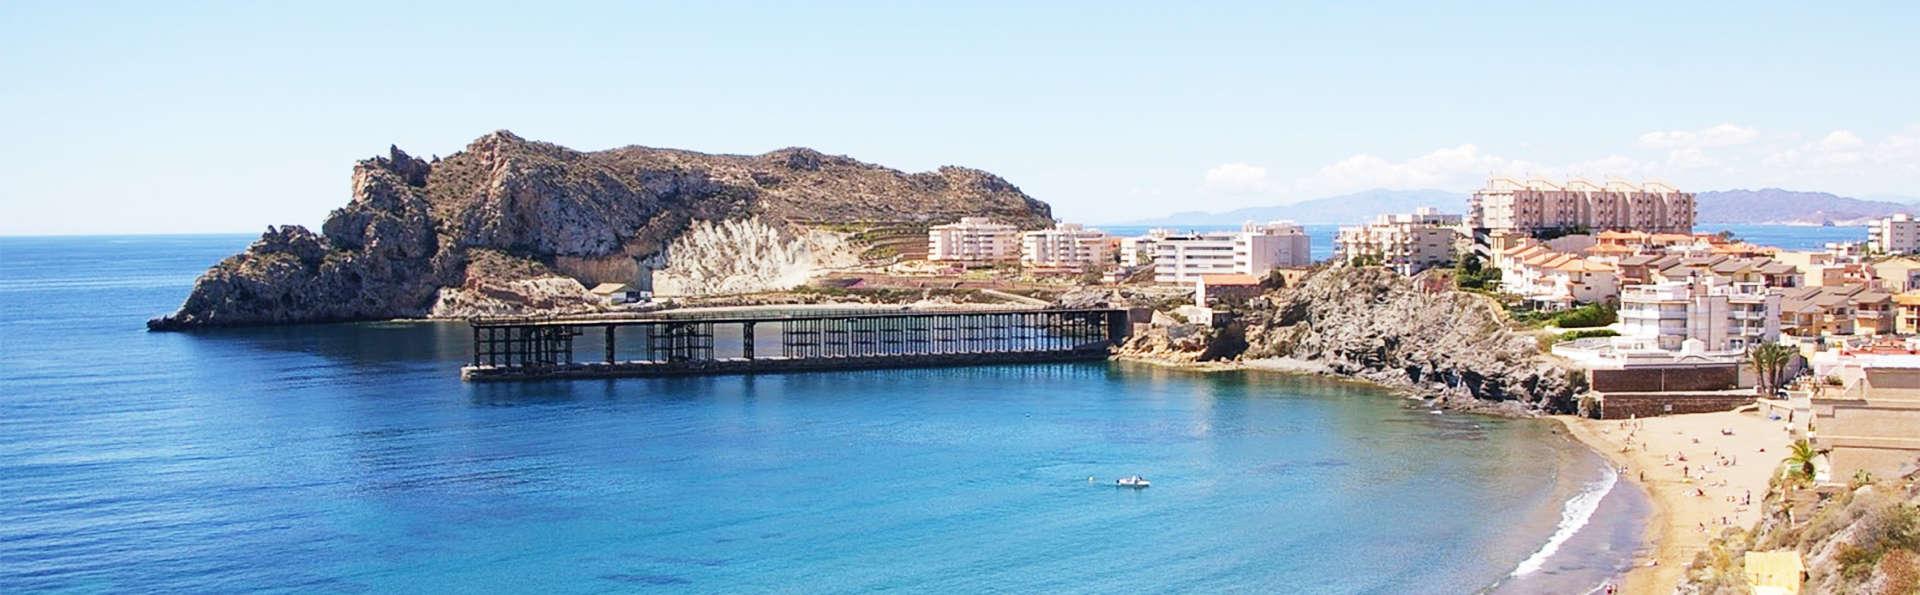 Águilas Hotel Resort  - EDIT_destination1.jpg